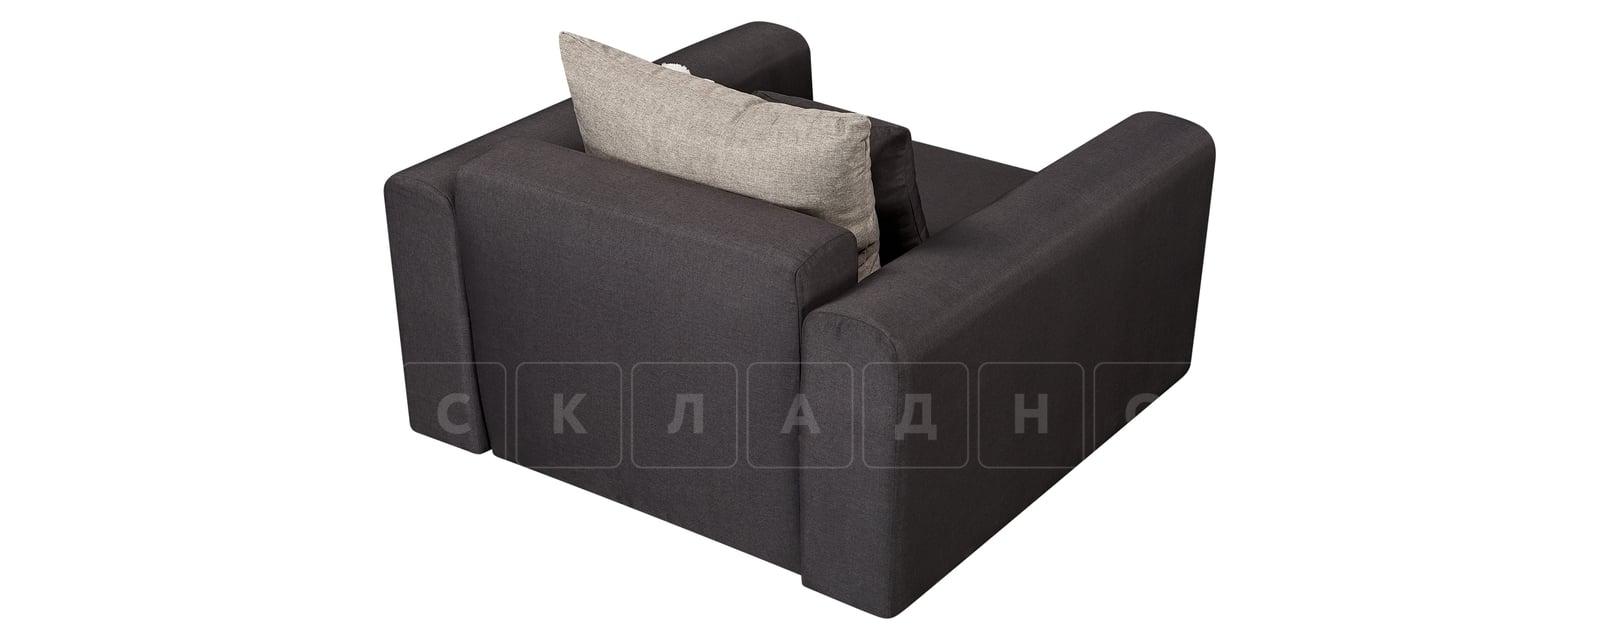 Кресло Медисон 80см темно-серого цвета фото 3 | интернет-магазин Складно